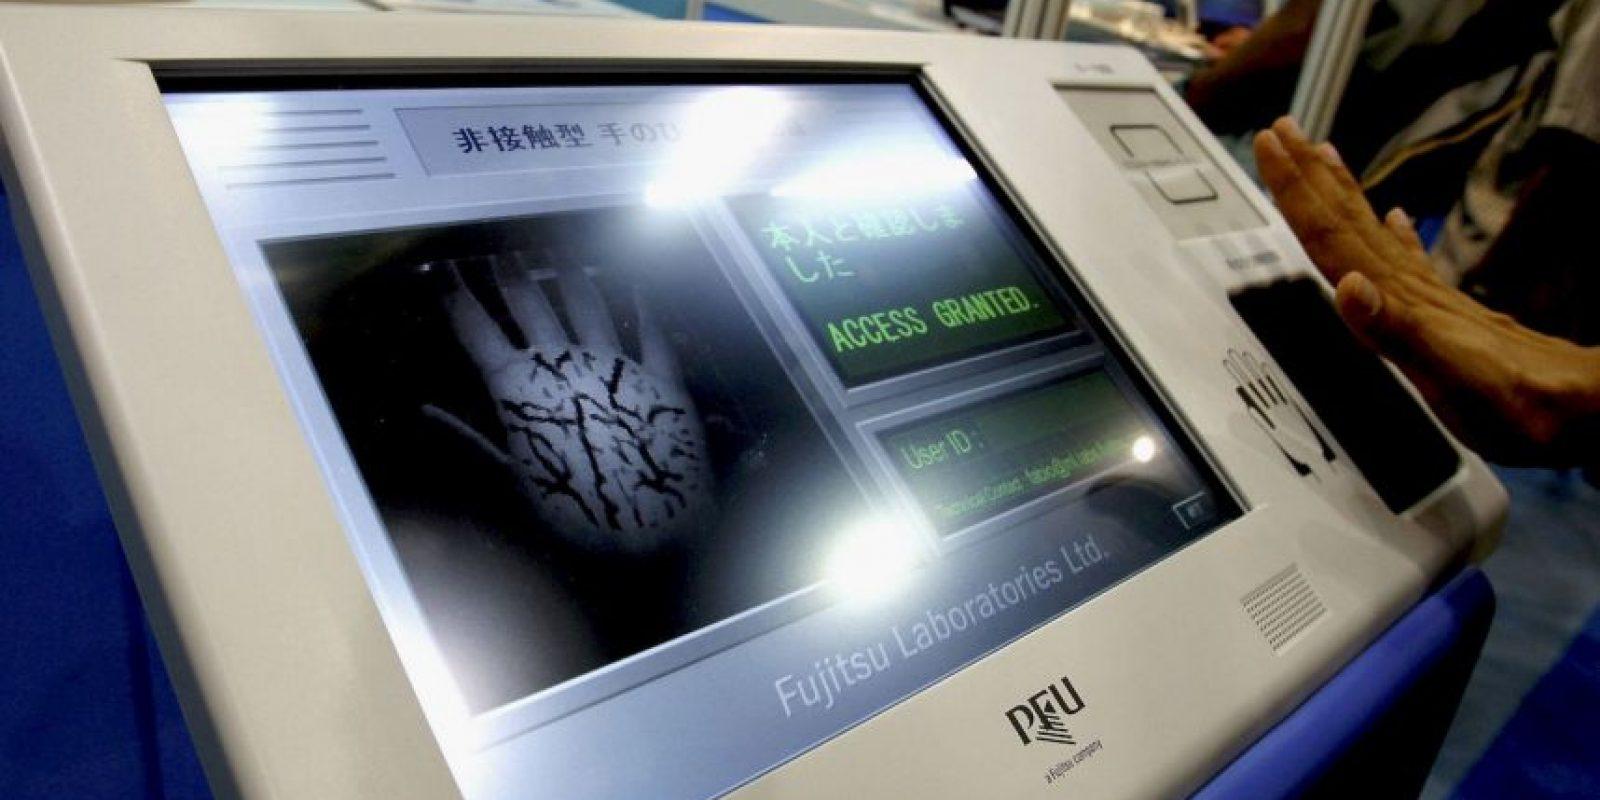 La encriptación biométrica es recurrente en fabricas o empresas, la cual ofrece un mejor control en seguridad, información y de personal. Foto:Getty